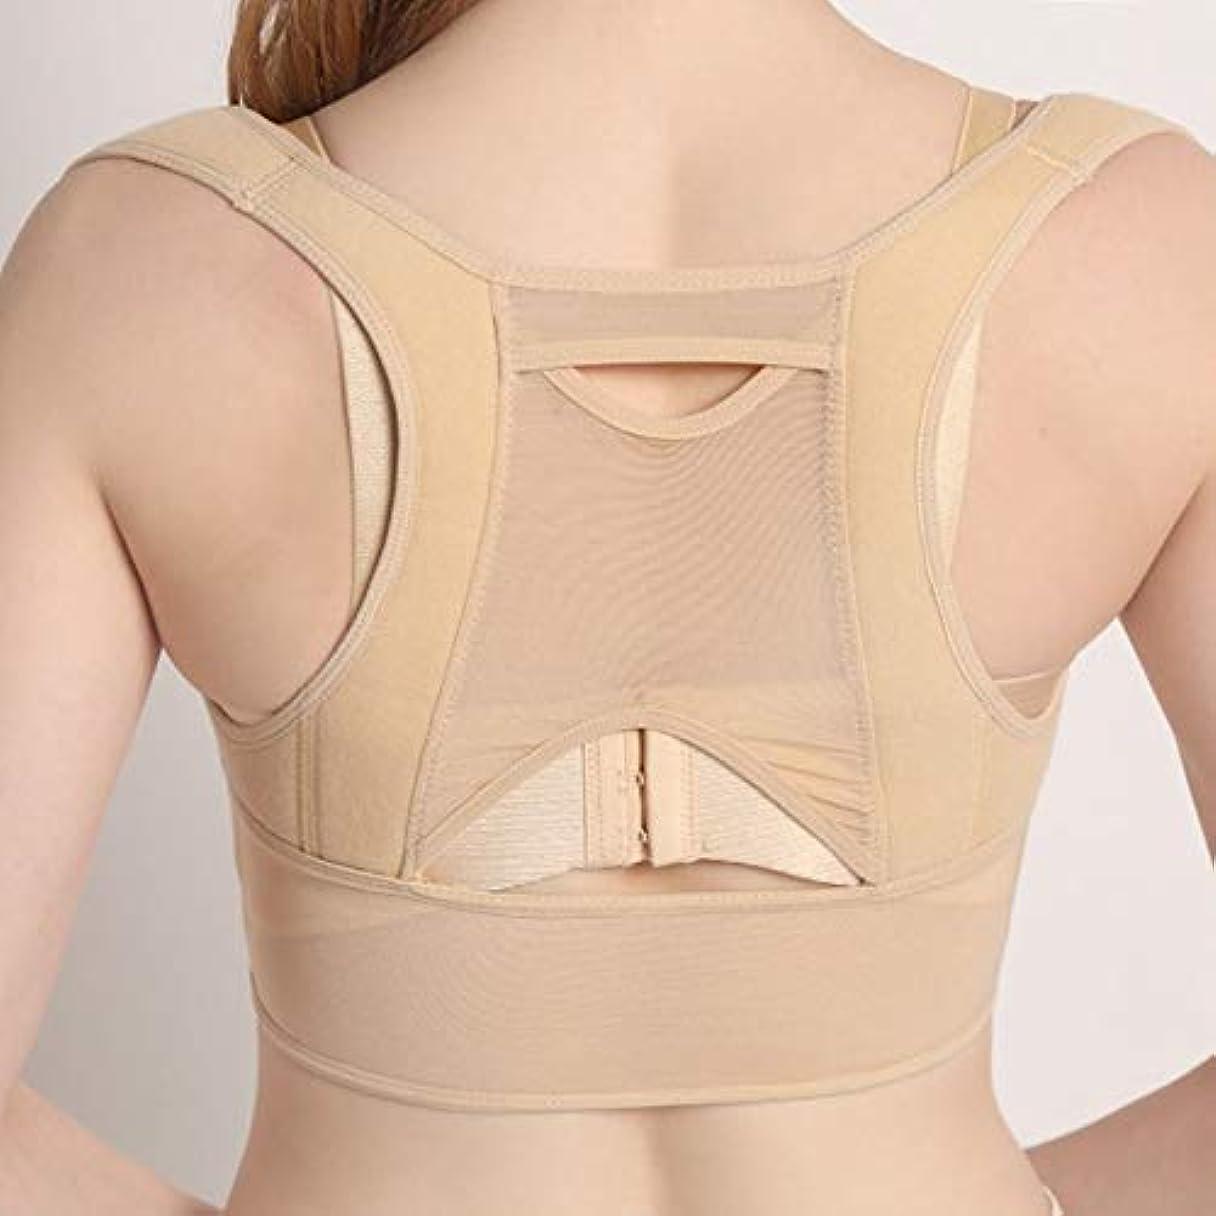 冗長伝染性影響する通気性のある女性の背中の姿勢矯正コルセット整形外科の肩の背骨の背骨の姿勢矯正腰椎サポート